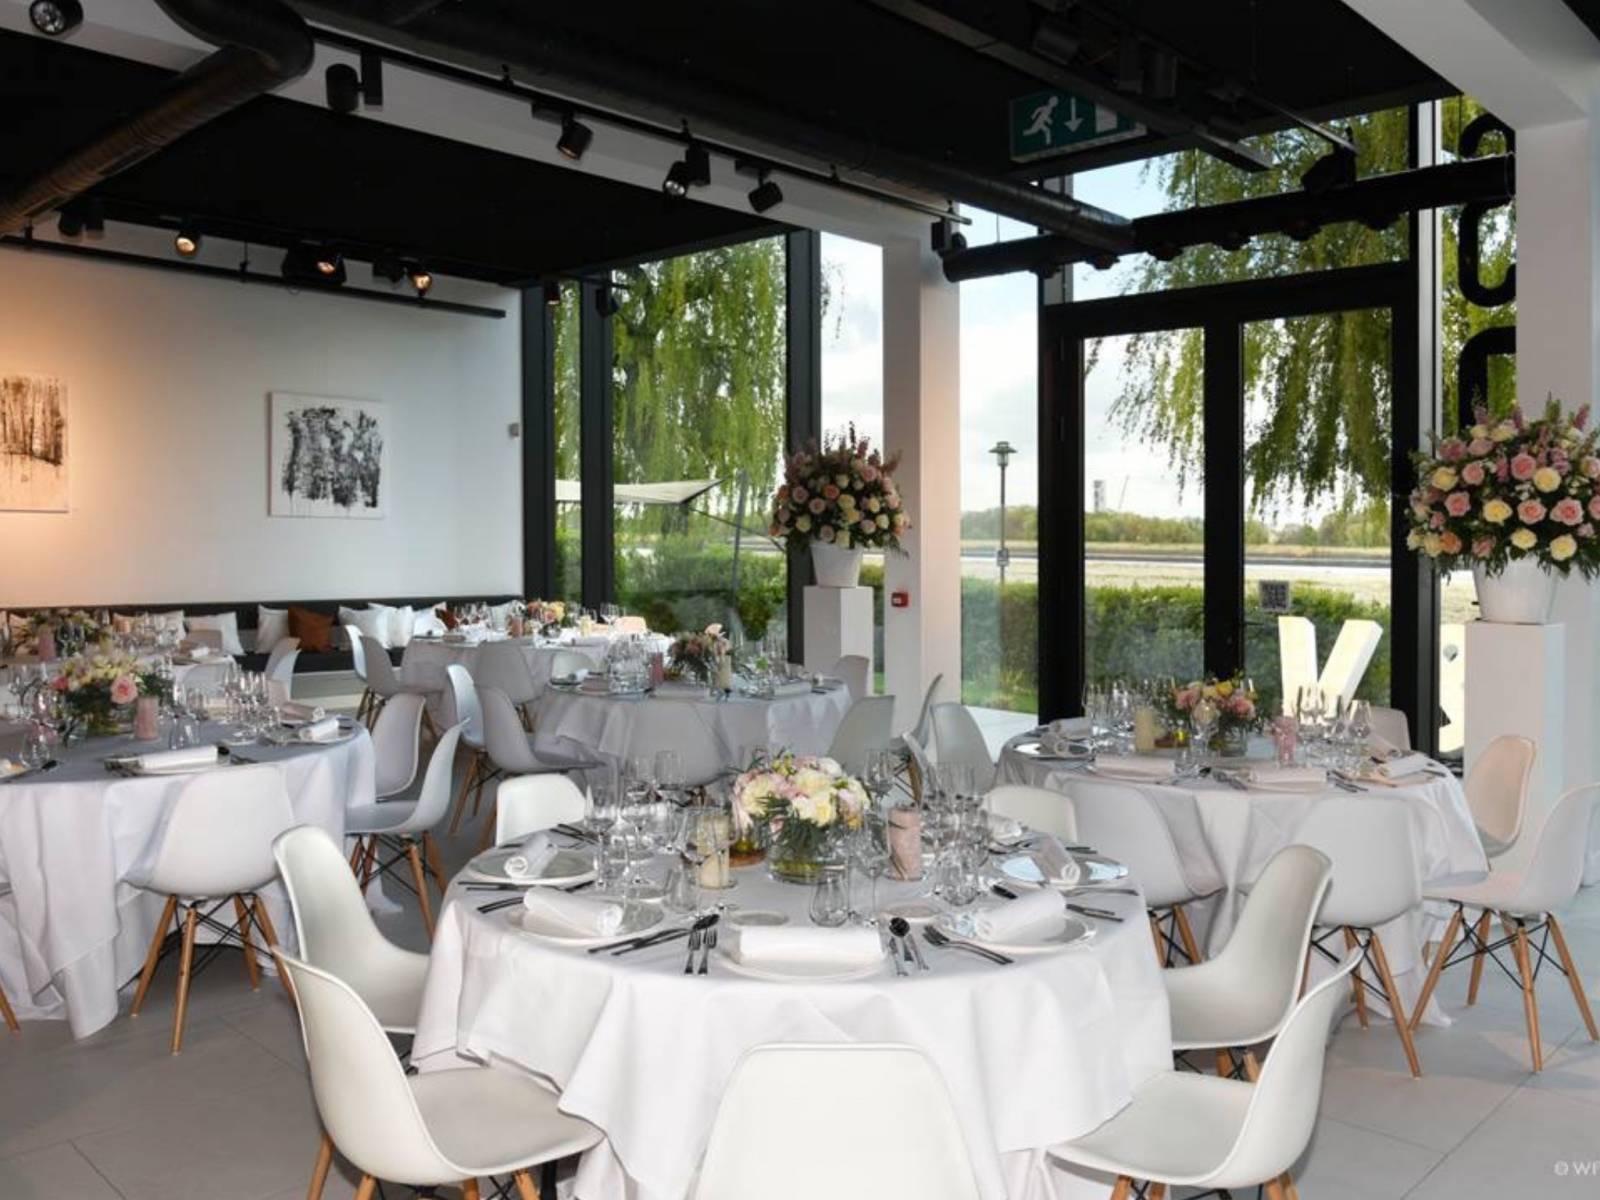 KAS Kunst aan de Stroom - Feestlocatie - Eventlocatie - Feestzaal - House of Events & House of Weddings - 4